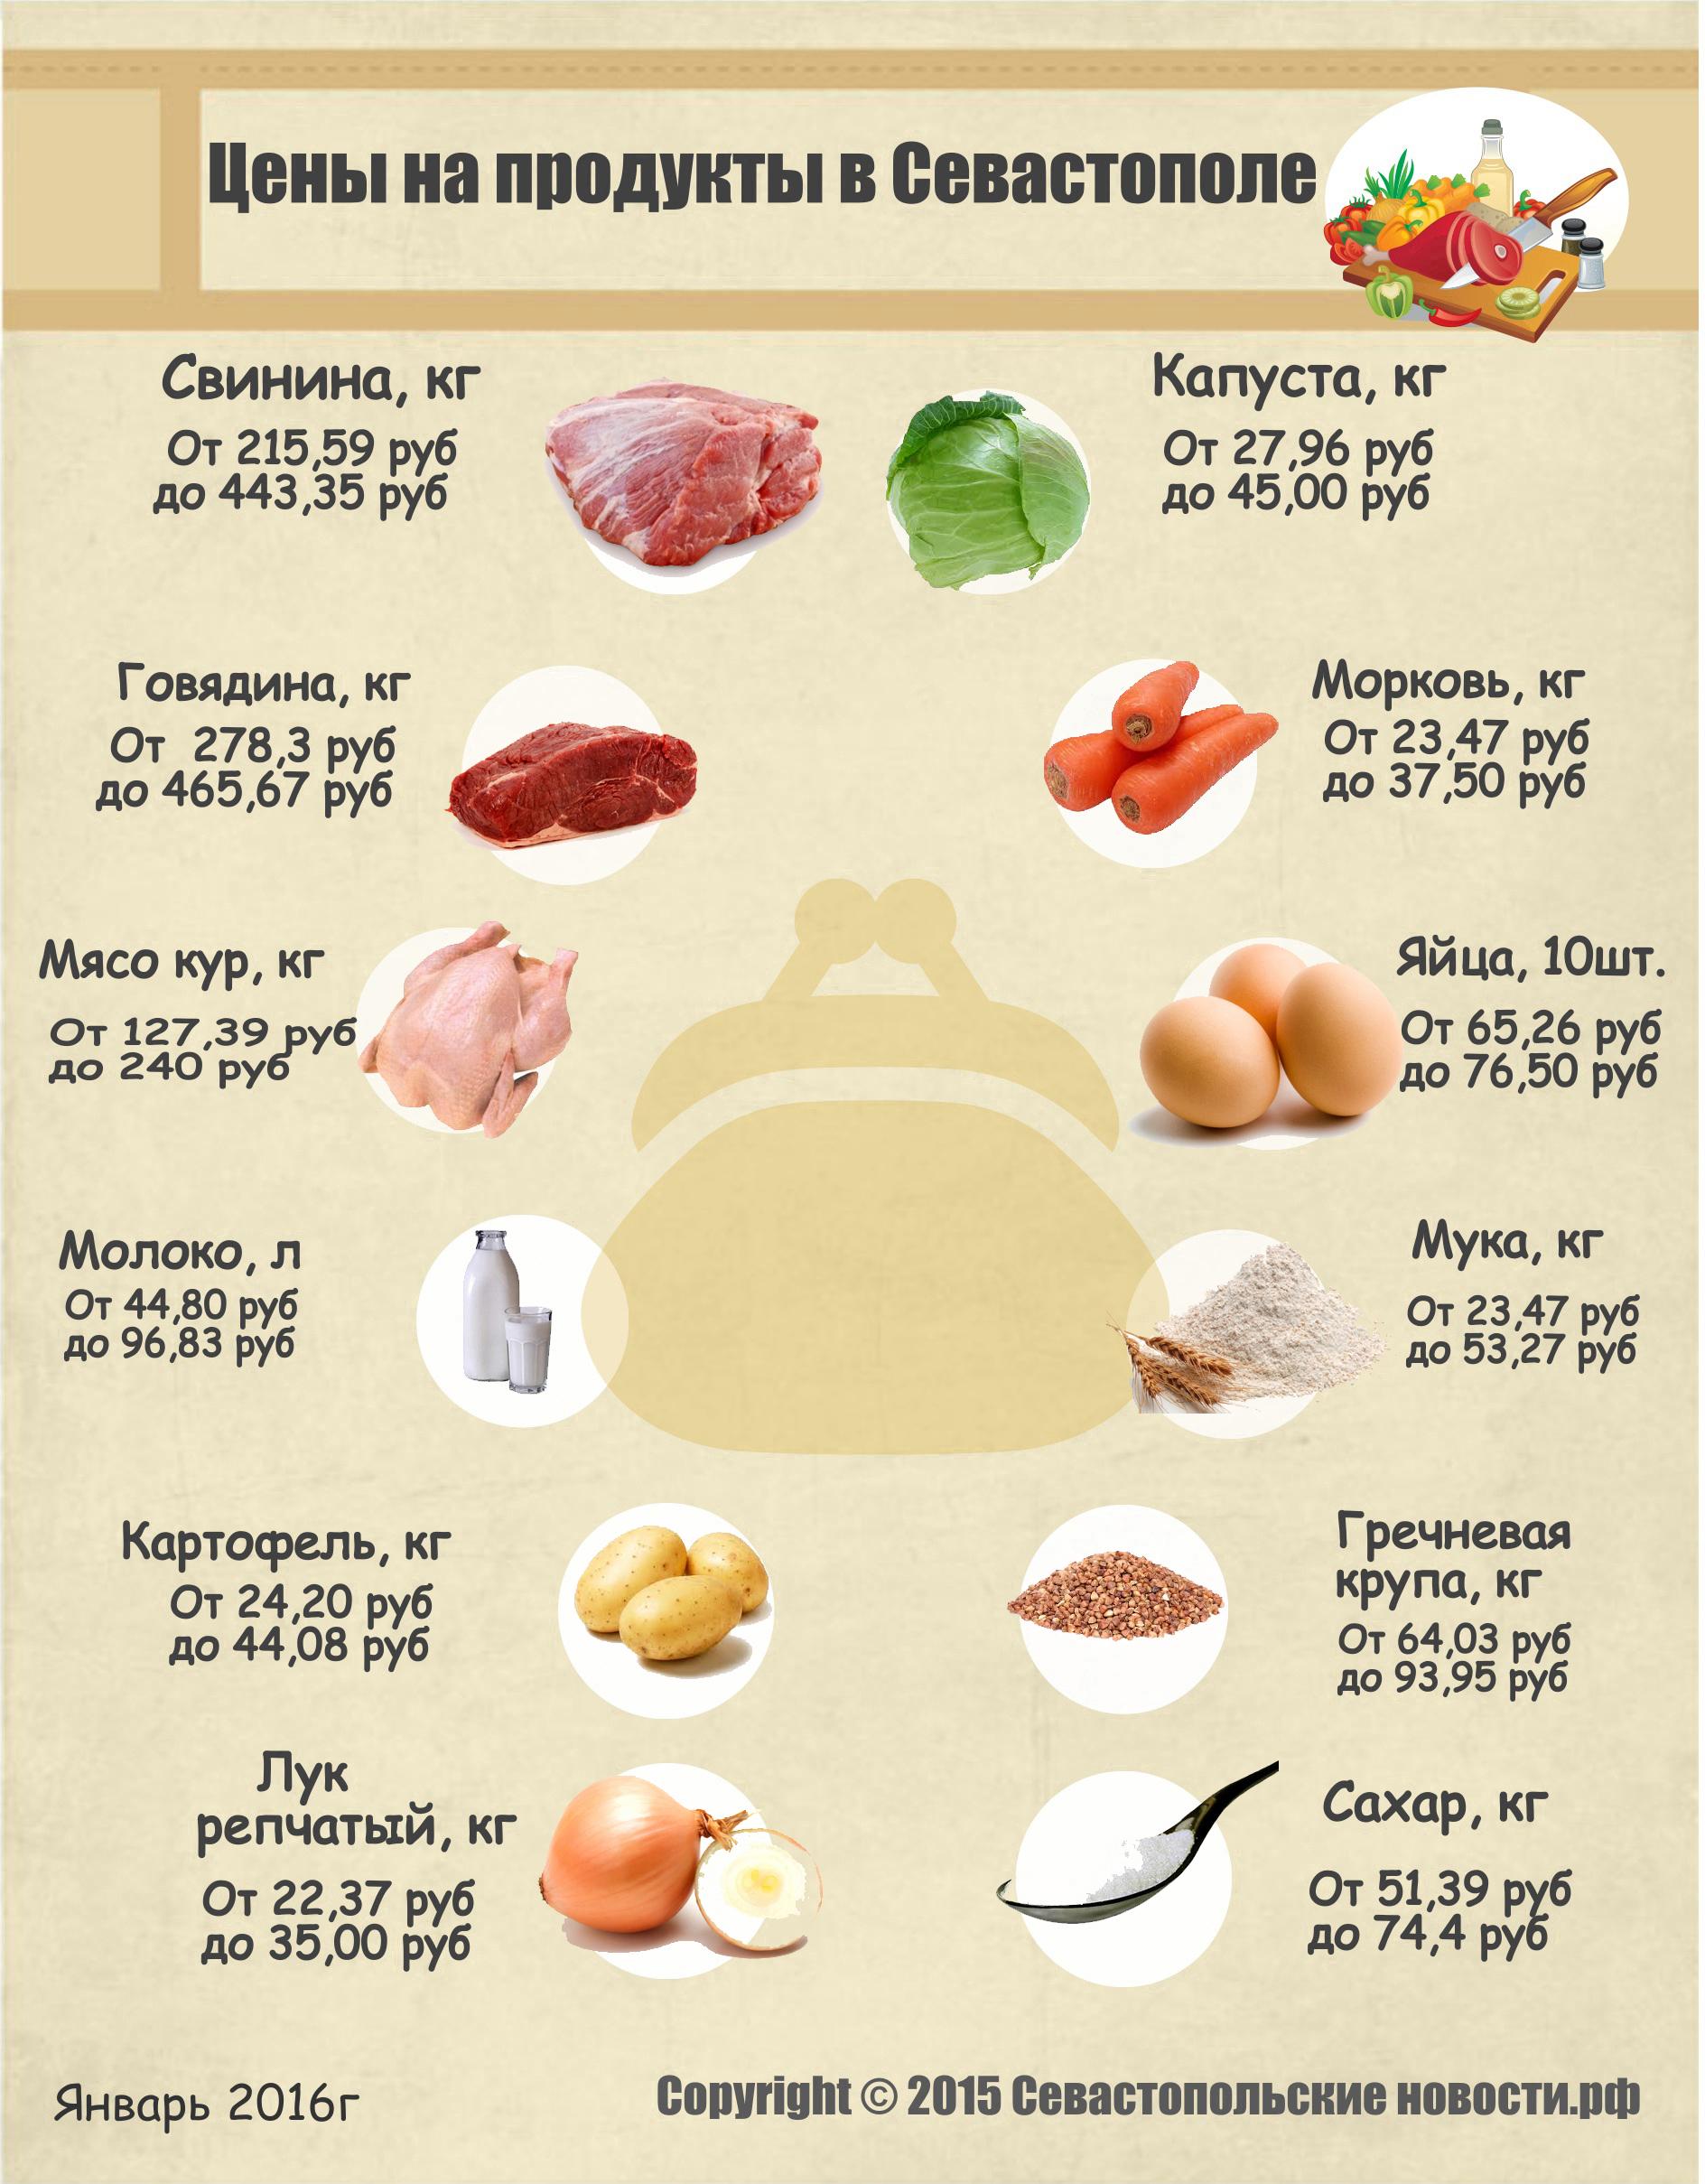 Январские цены на основные продукты питания в Севастополе